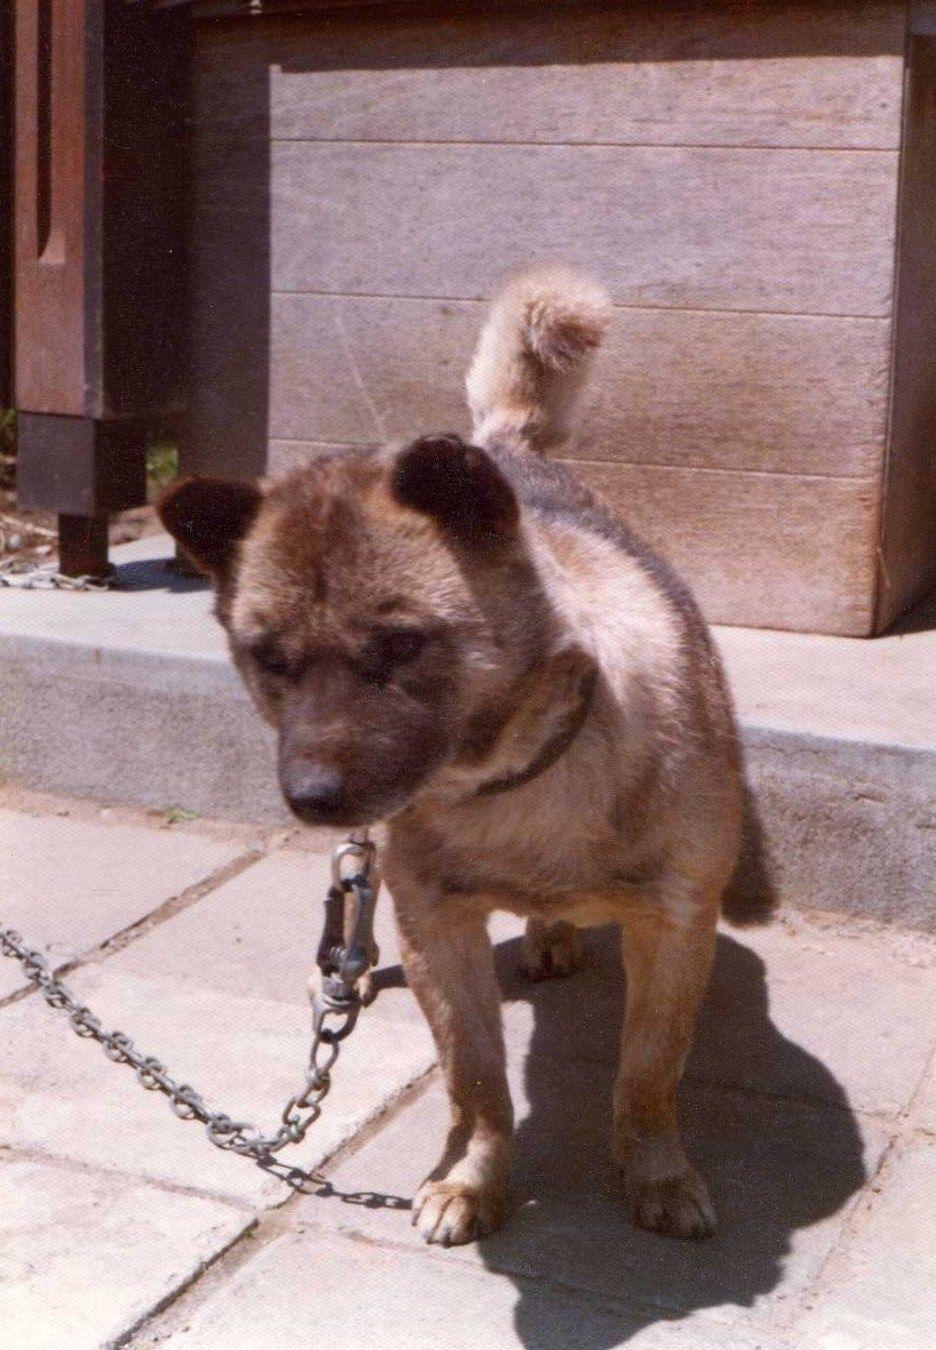 お名前 けんちゃん 北海道在住 北海道犬 ビクターのニッパーちゃんをお母さんだと思い育った北海道犬のけんちゃんです 薄野の料亭で3匹生まれた中の一匹でした 母方の祖父の電気屋さんへやって来て店頭に飾られていた大きなニッパーちゃんを親と思い過ごし